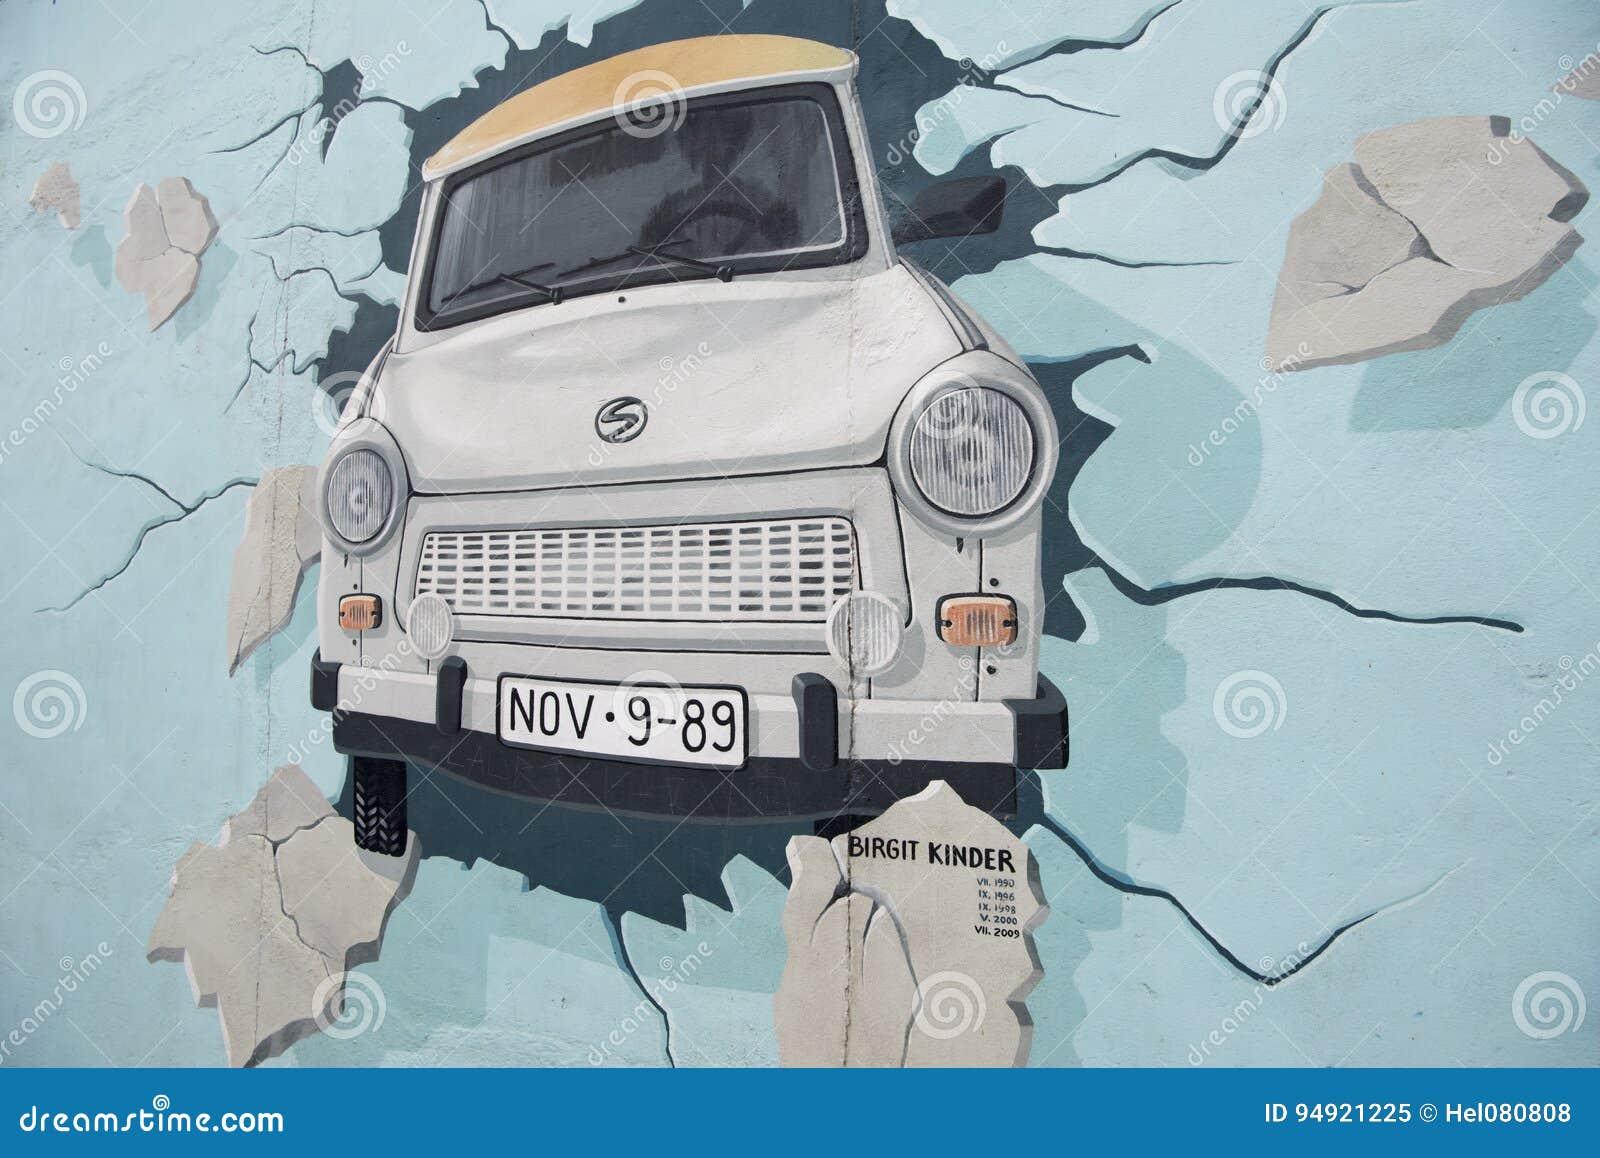 Βερολίνο, ο τοίχος, ζωγραφική, στοά ανατολικών πλευρών